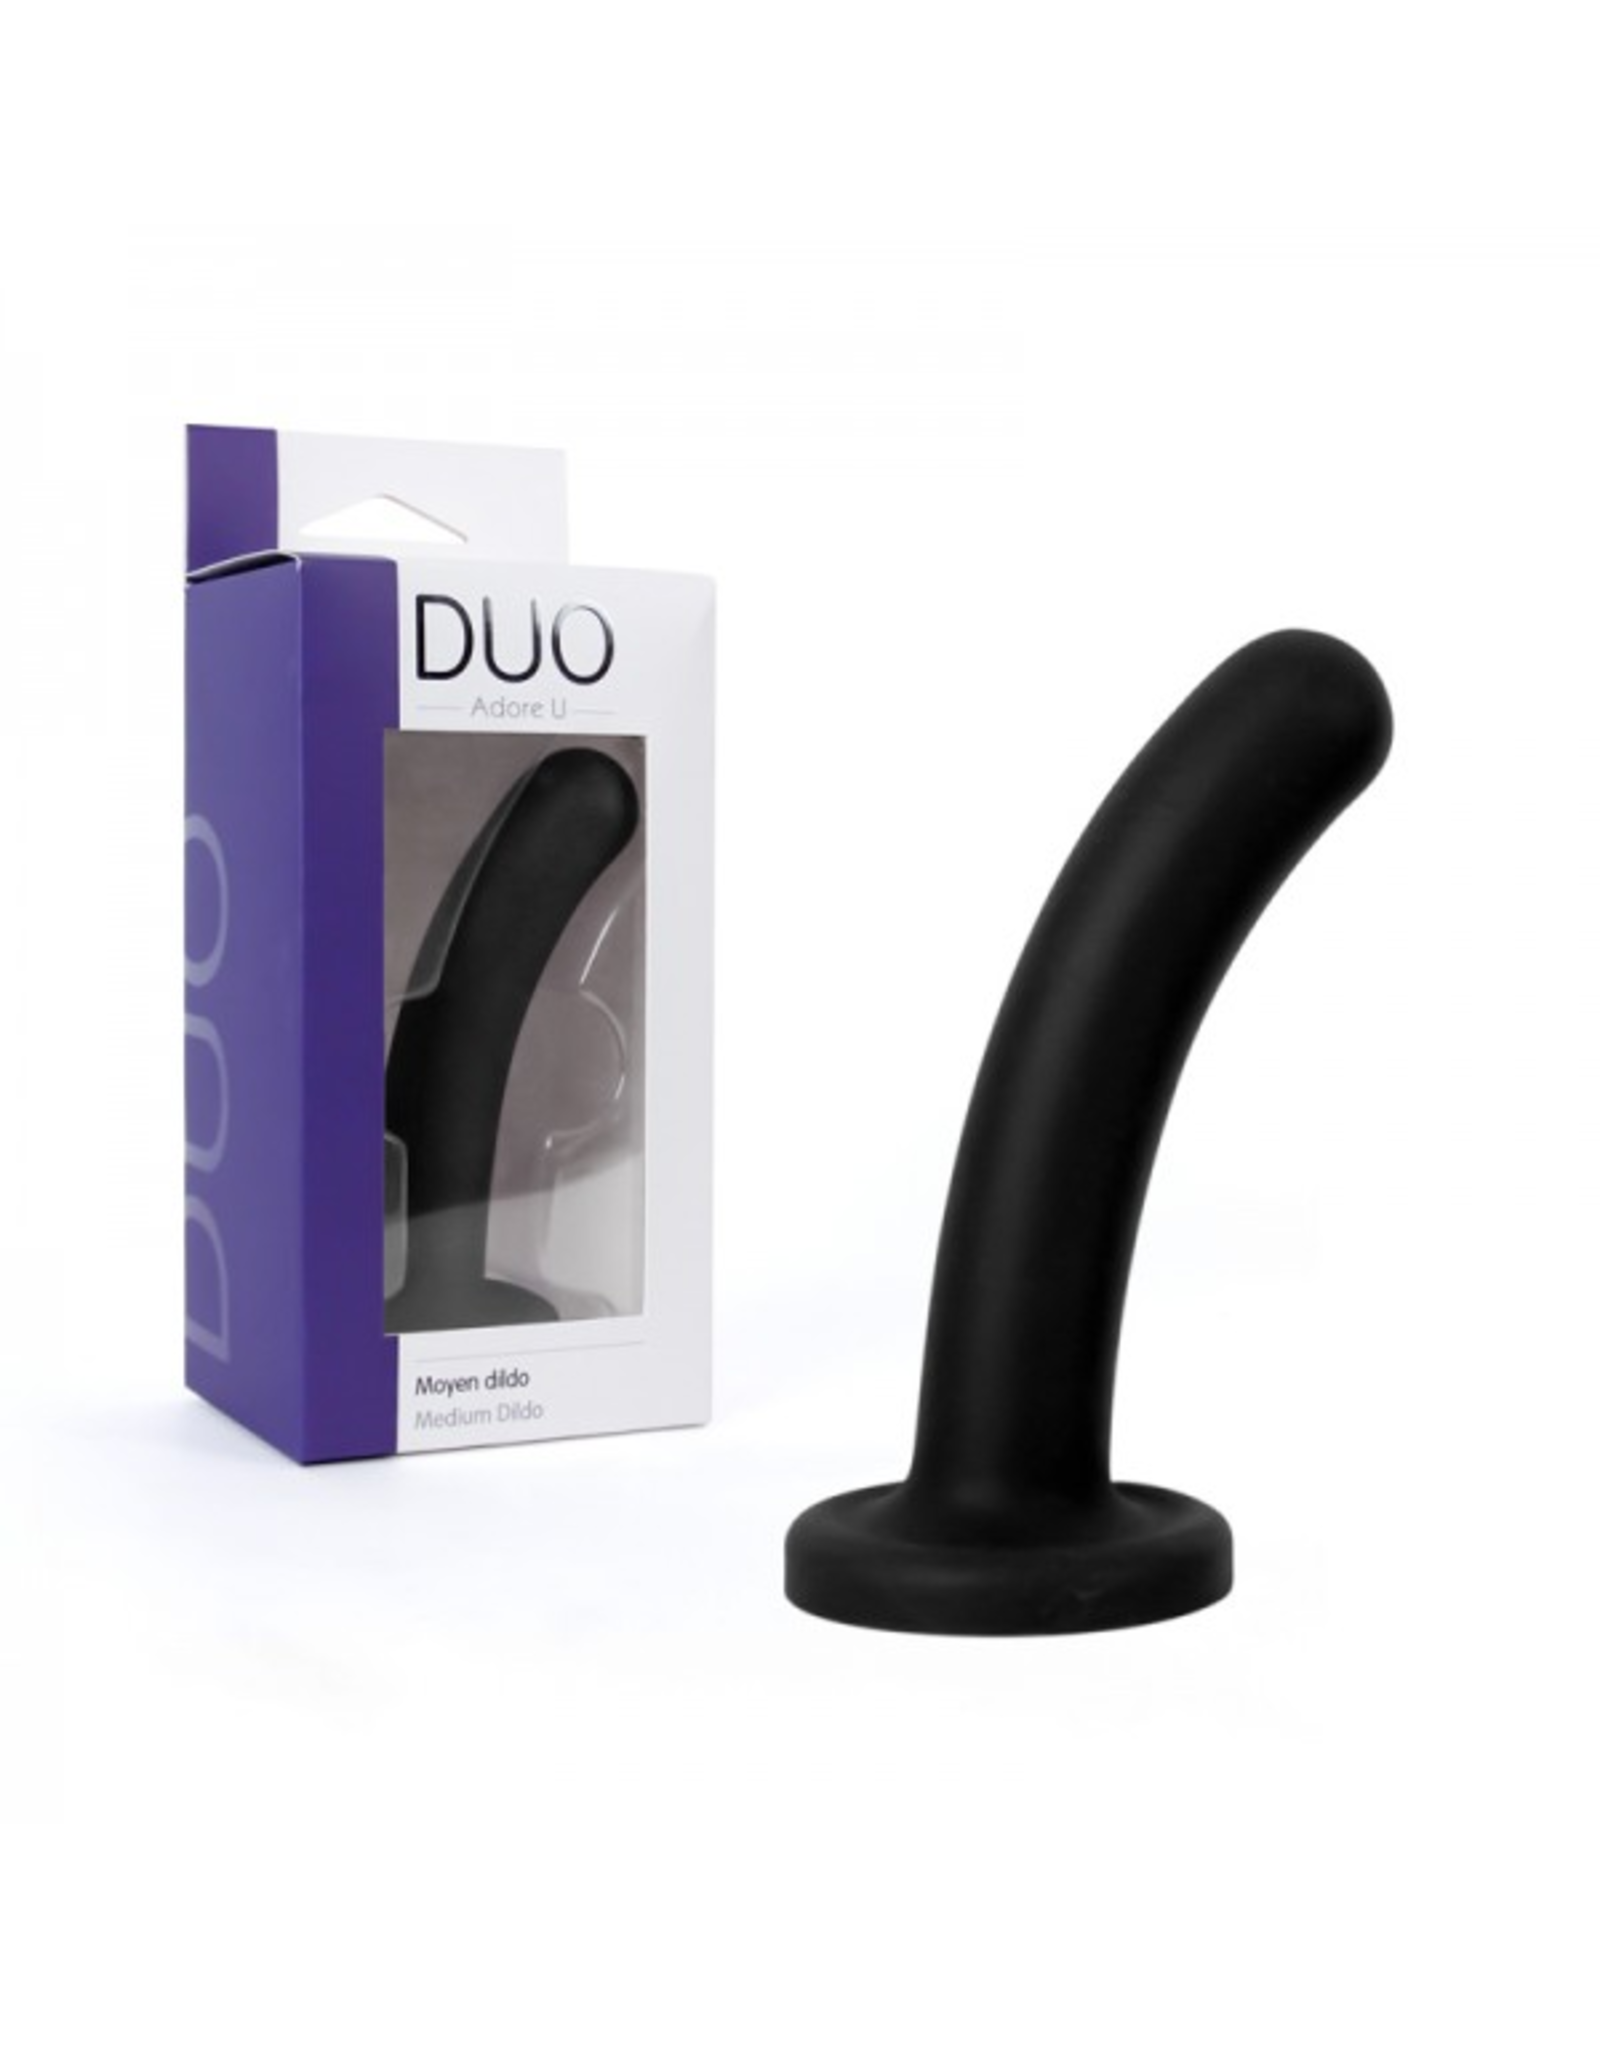 ADORE U - DUO - MEDIUM DILDO - BLACK